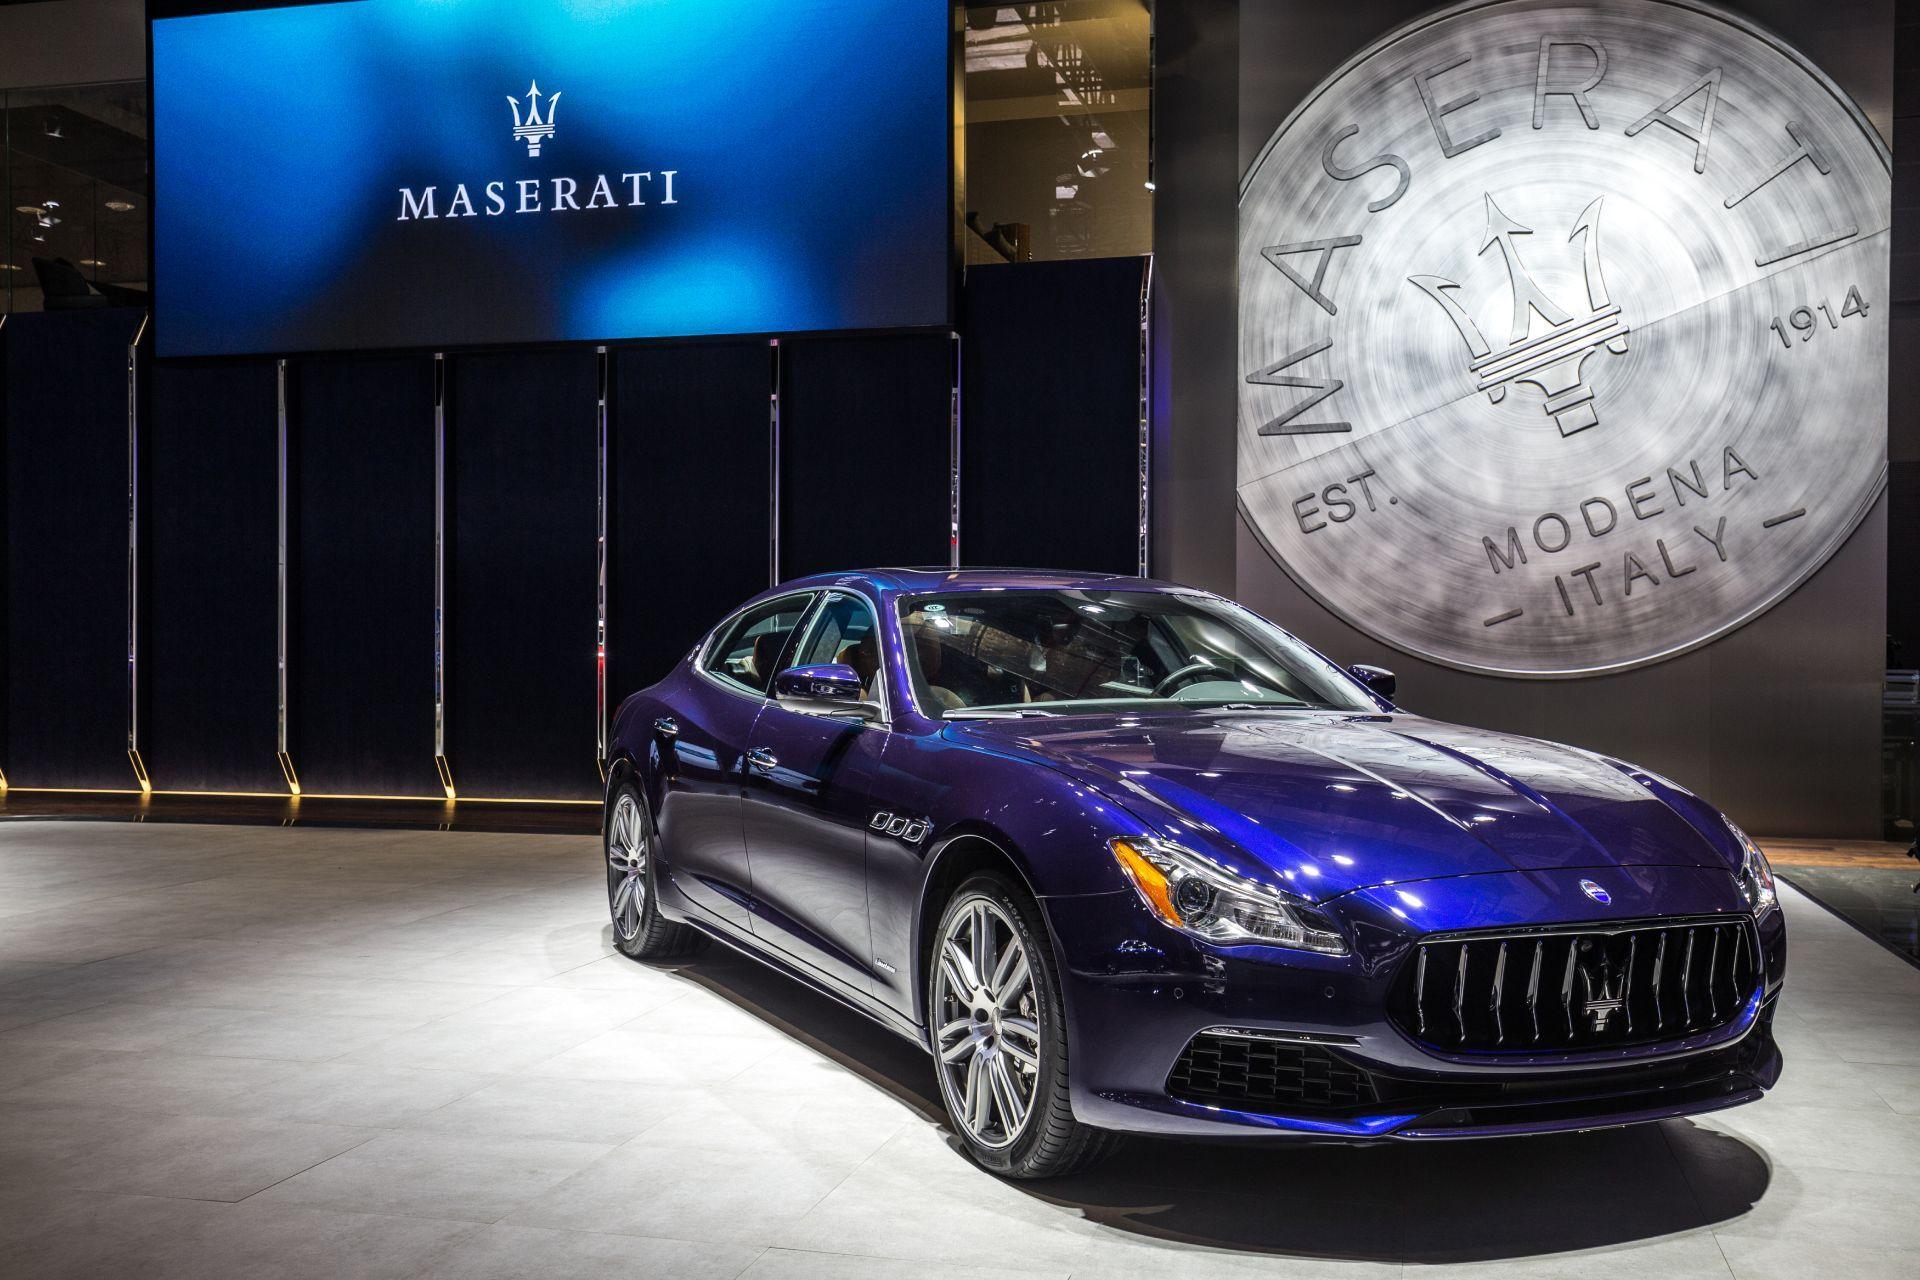 El Maserati número 100.000, un Quattroporte GranSport, presentado al mercado Chino en el Salón de Shanghai 2017